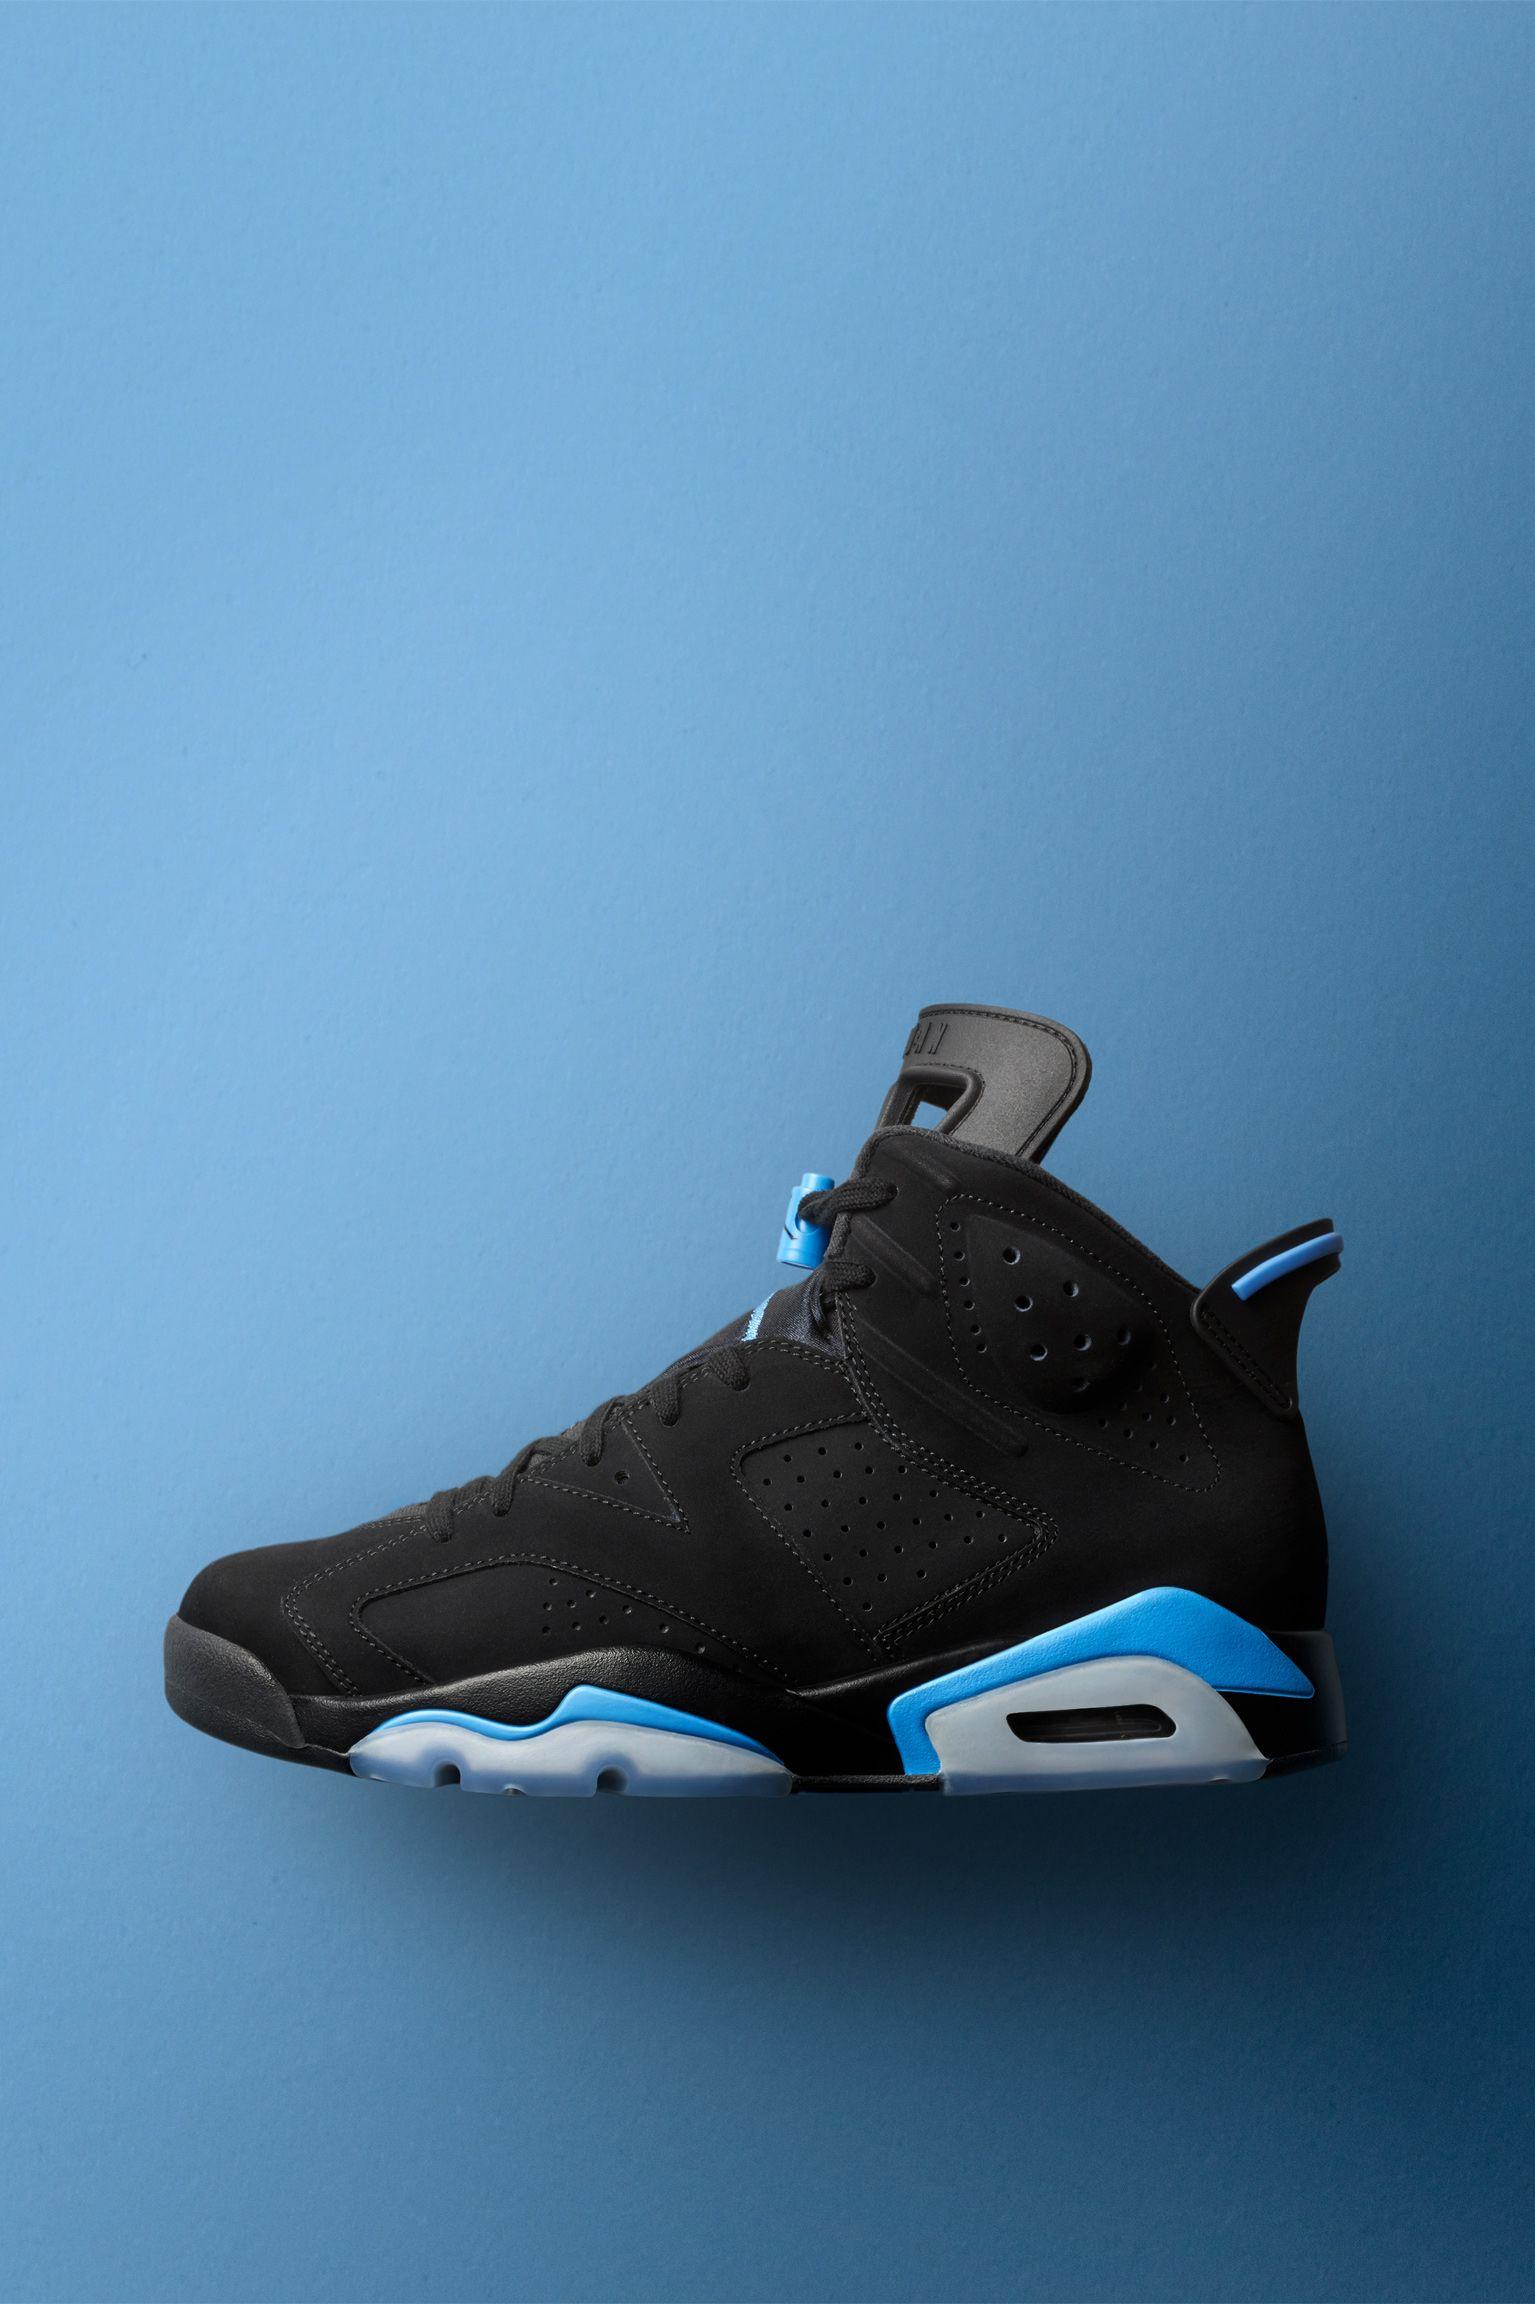 air jordan 6 noir et bleu